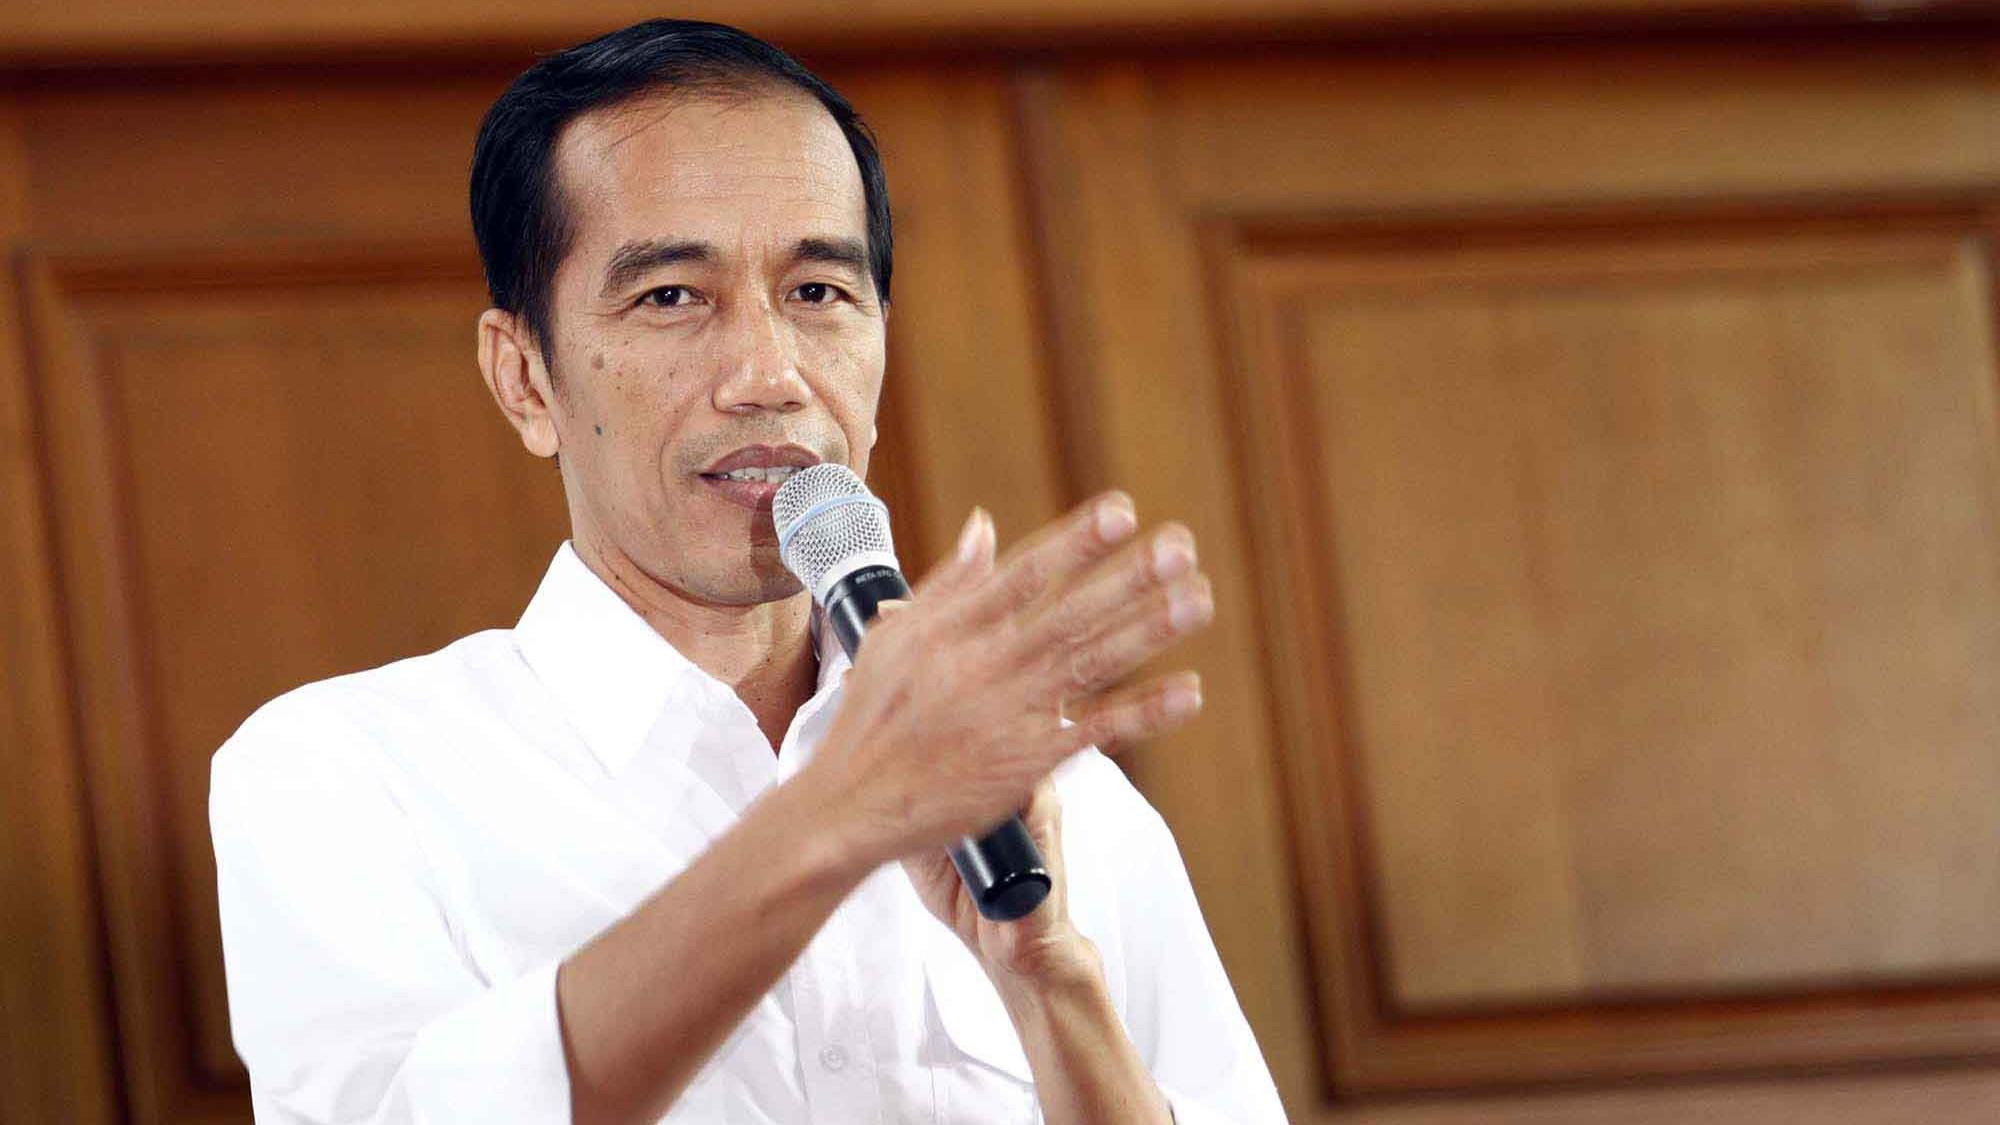 Presiden Jokowi Jumat pekan ini 7 11 2015 akan datang ke Lampung